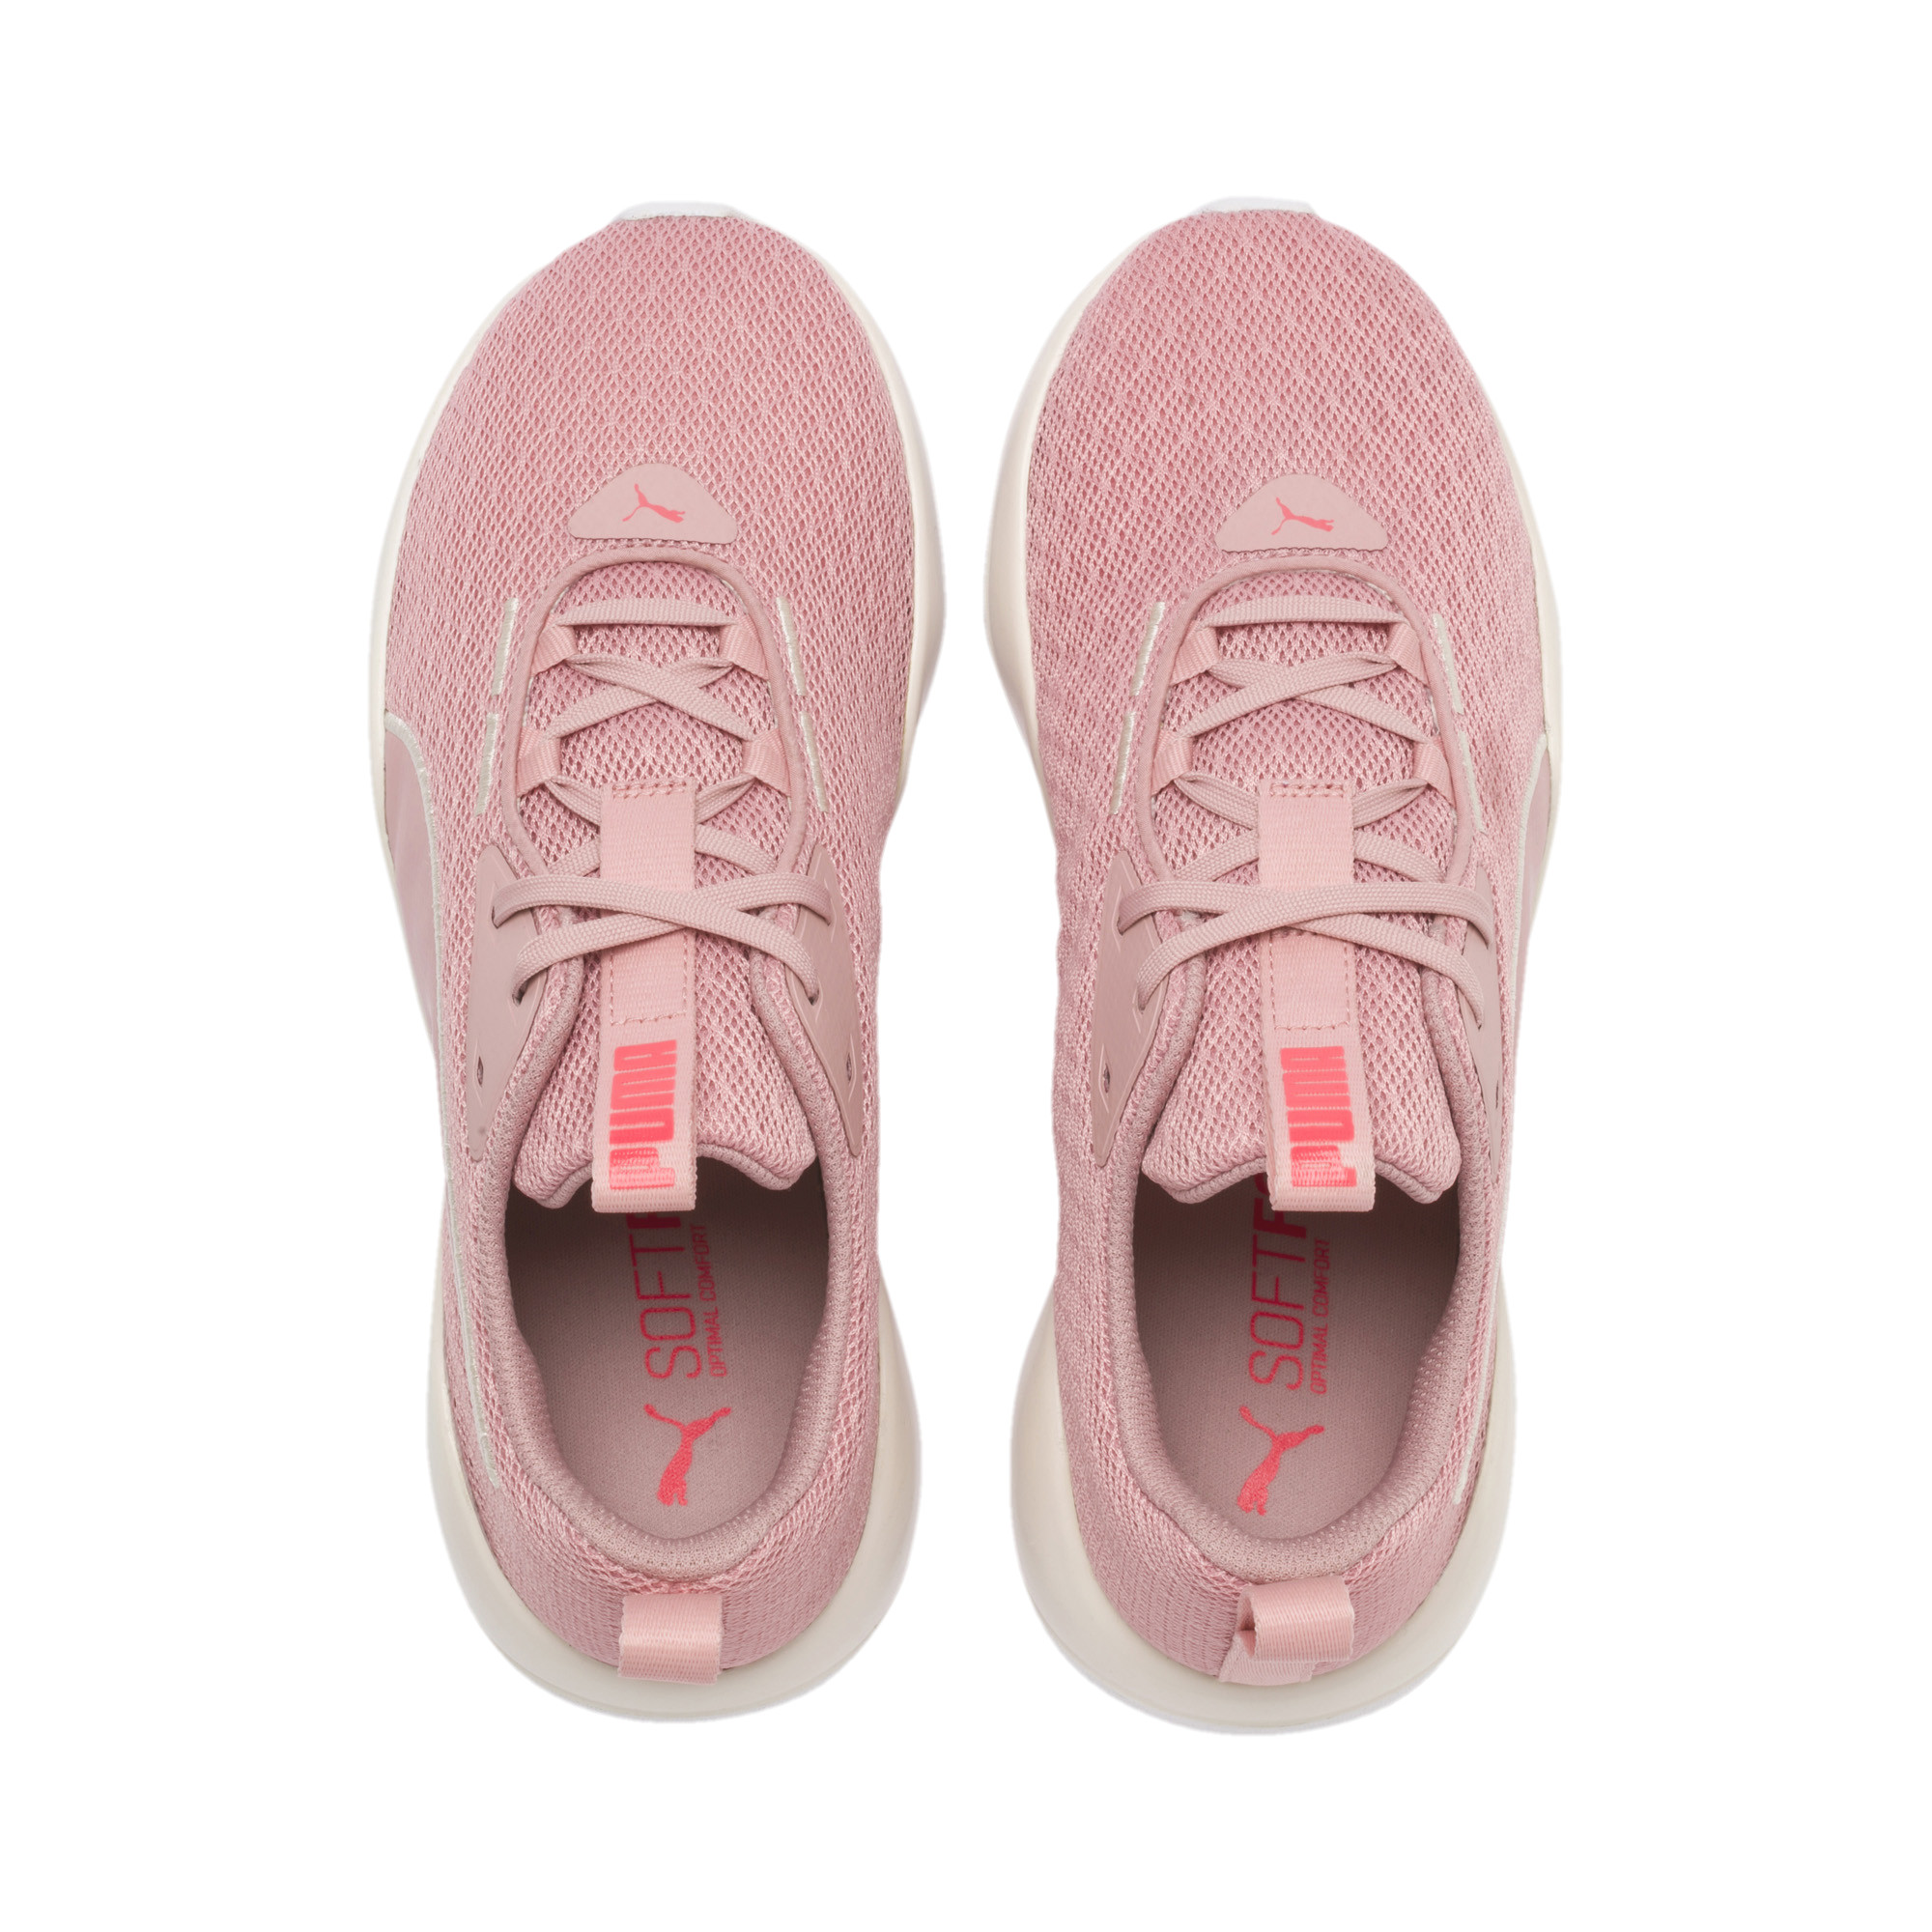 PUMA-Flourish-FS-Women-039-s-Training-Shoes-Women-Shoe-Training thumbnail 15